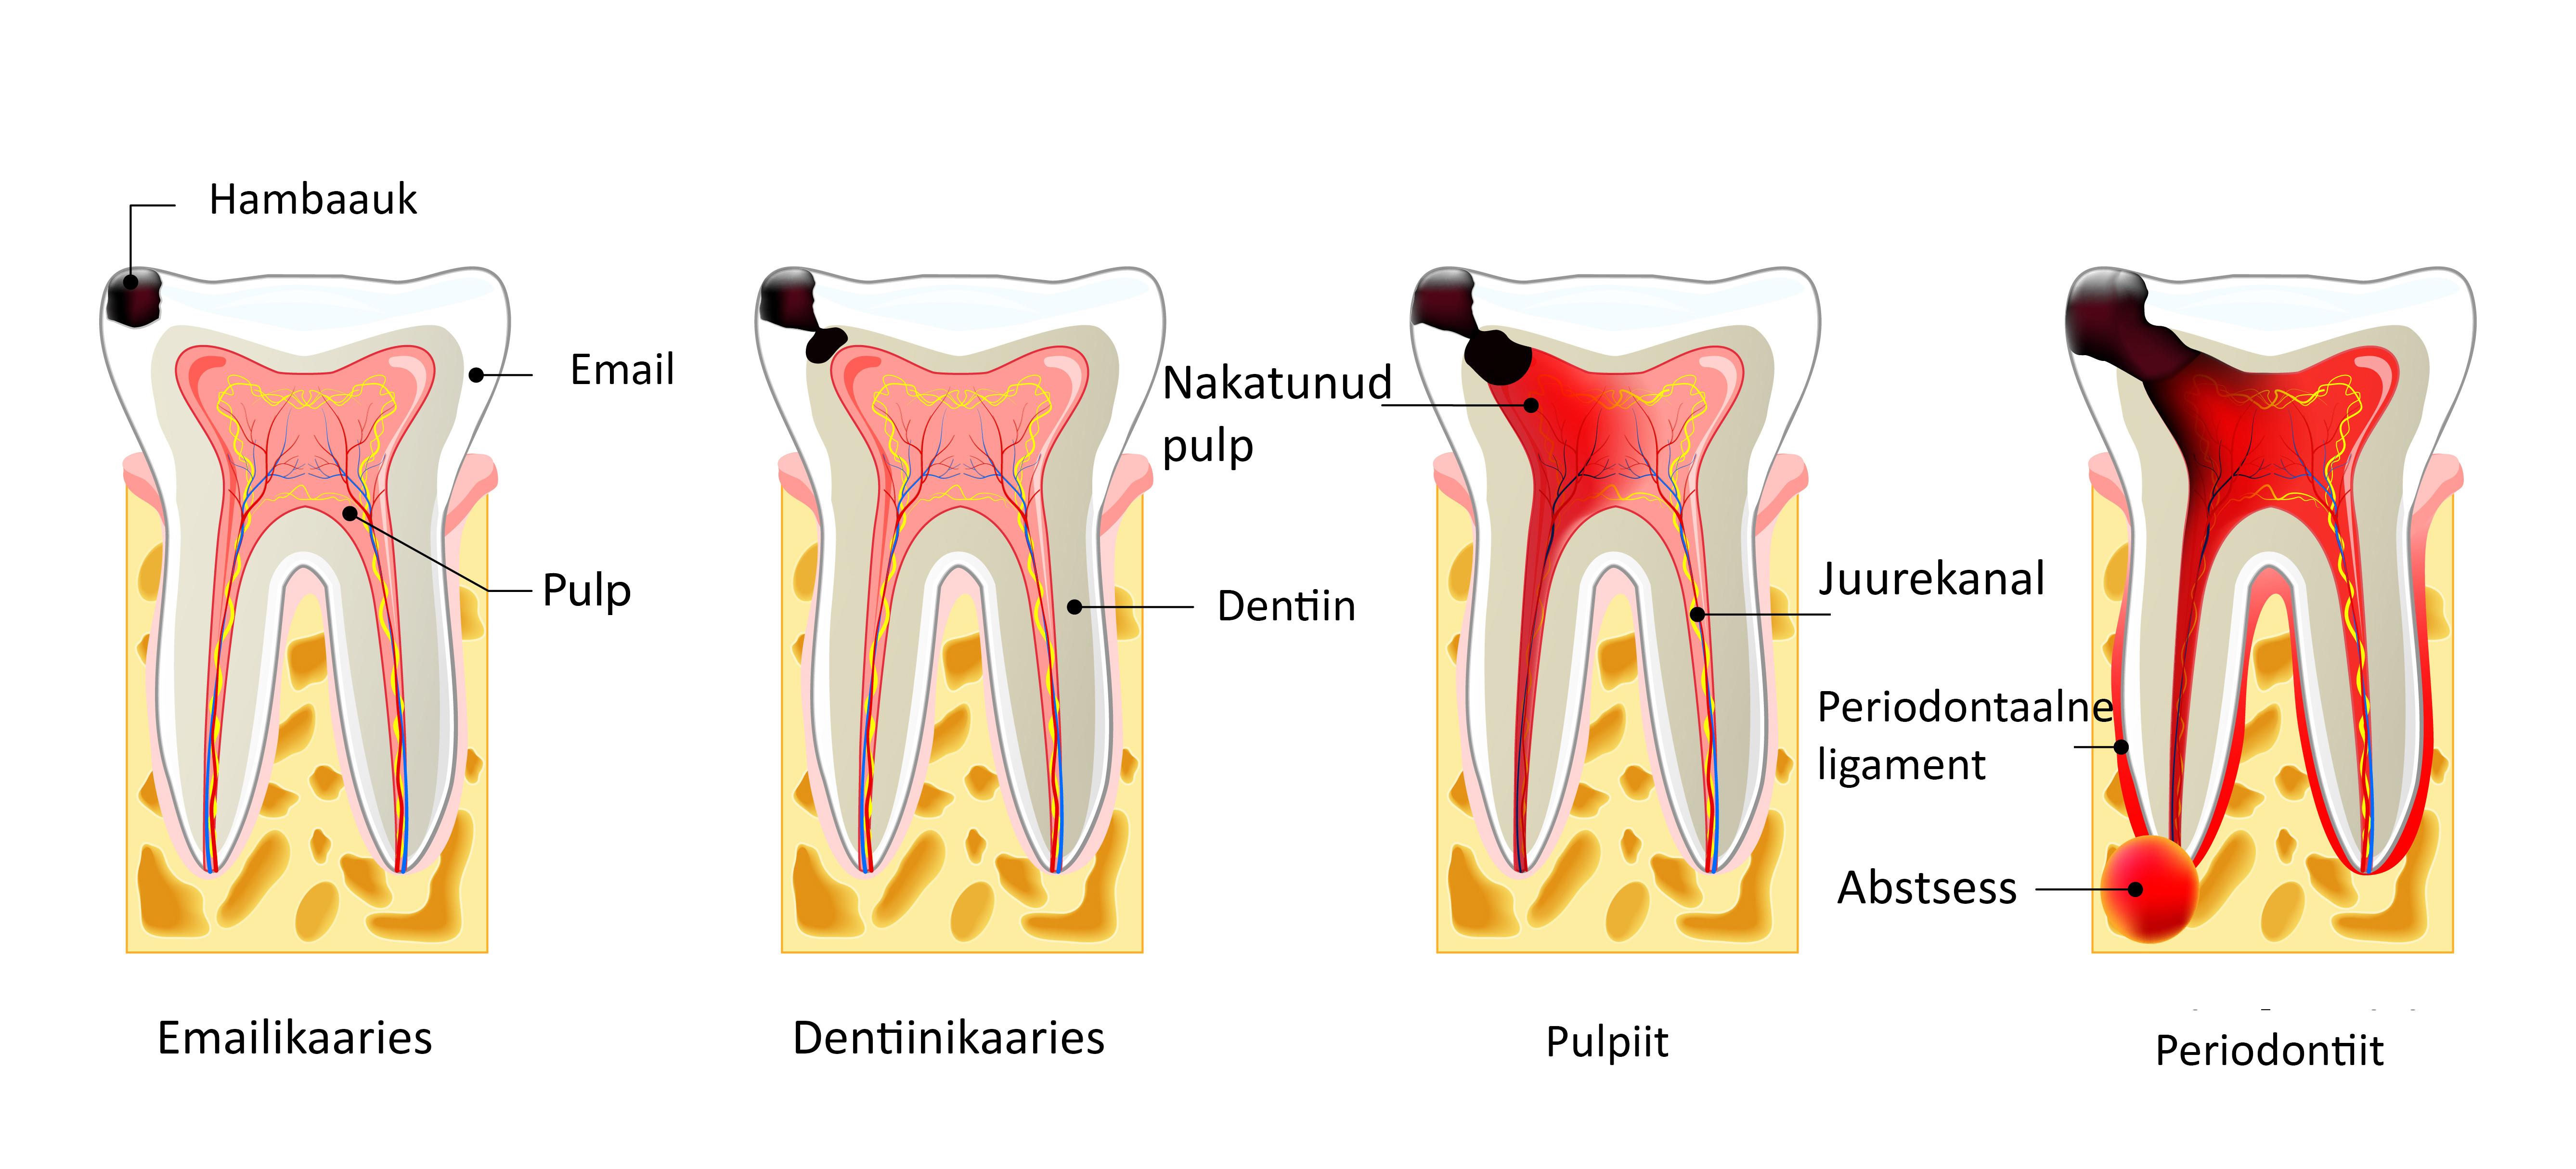 Kui hambaarst valutab Laulud artroosi raviks